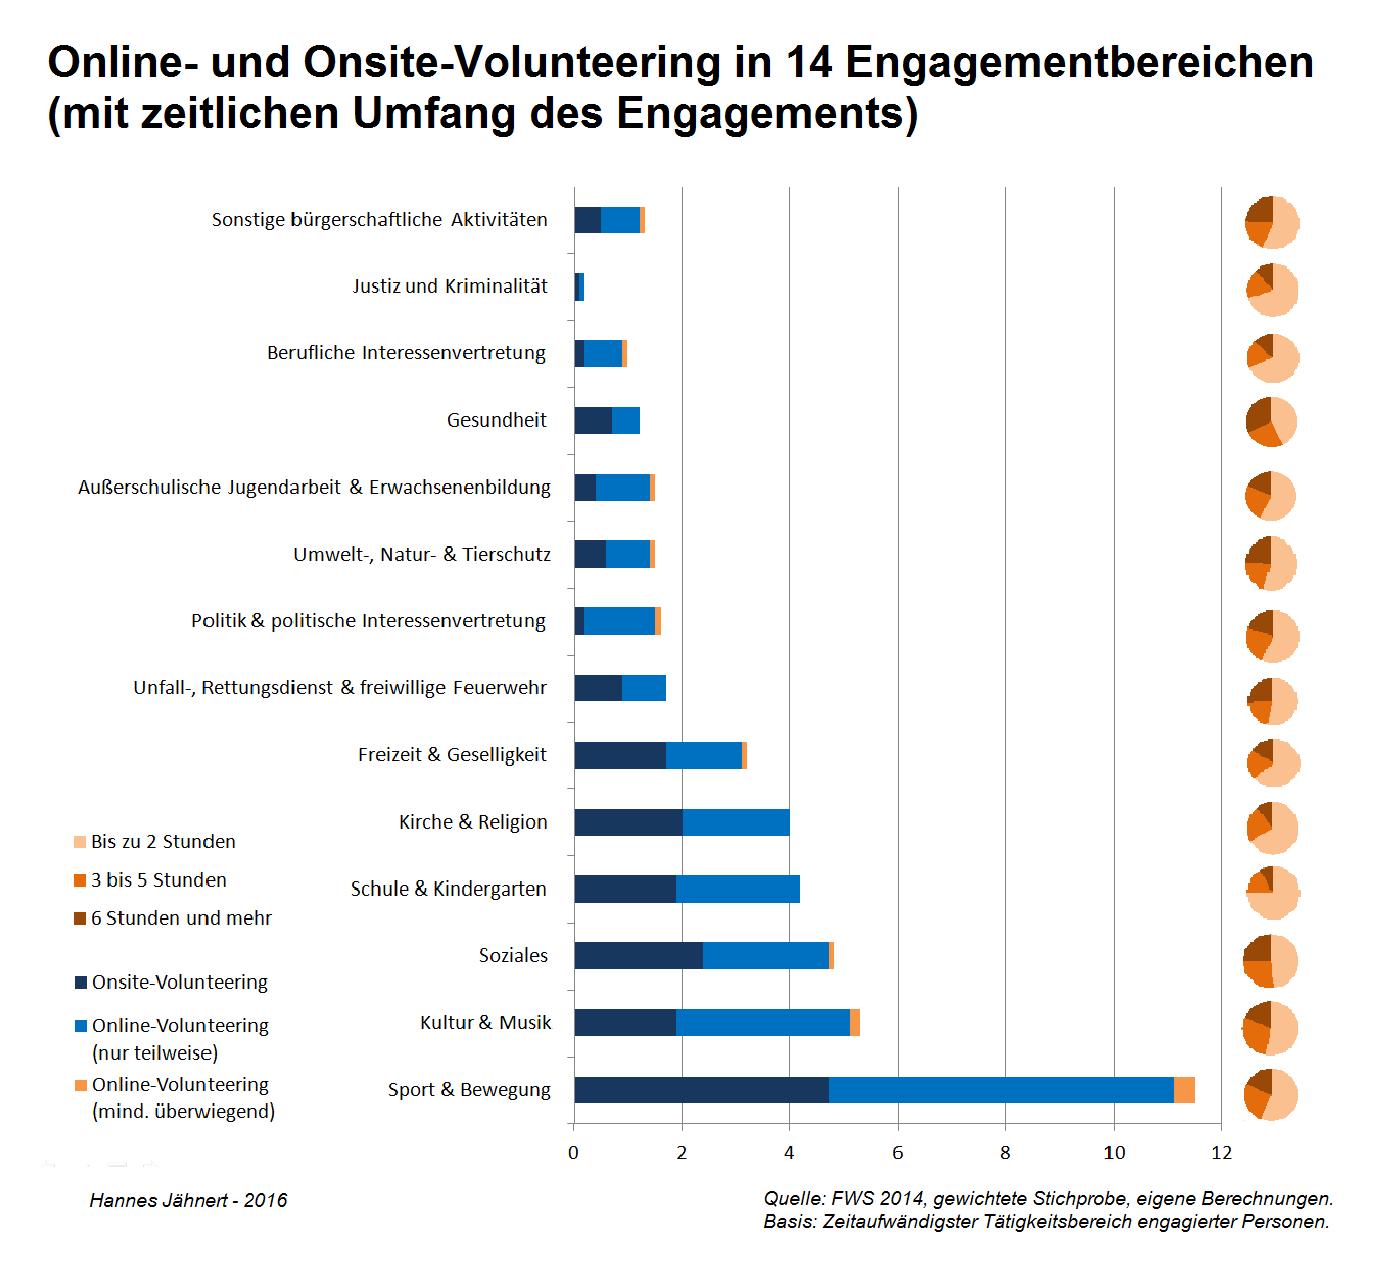 online-onsite-engagement_14-engagementbereiche-zzgl-zeitumfang-in-14-Engagementbereichen